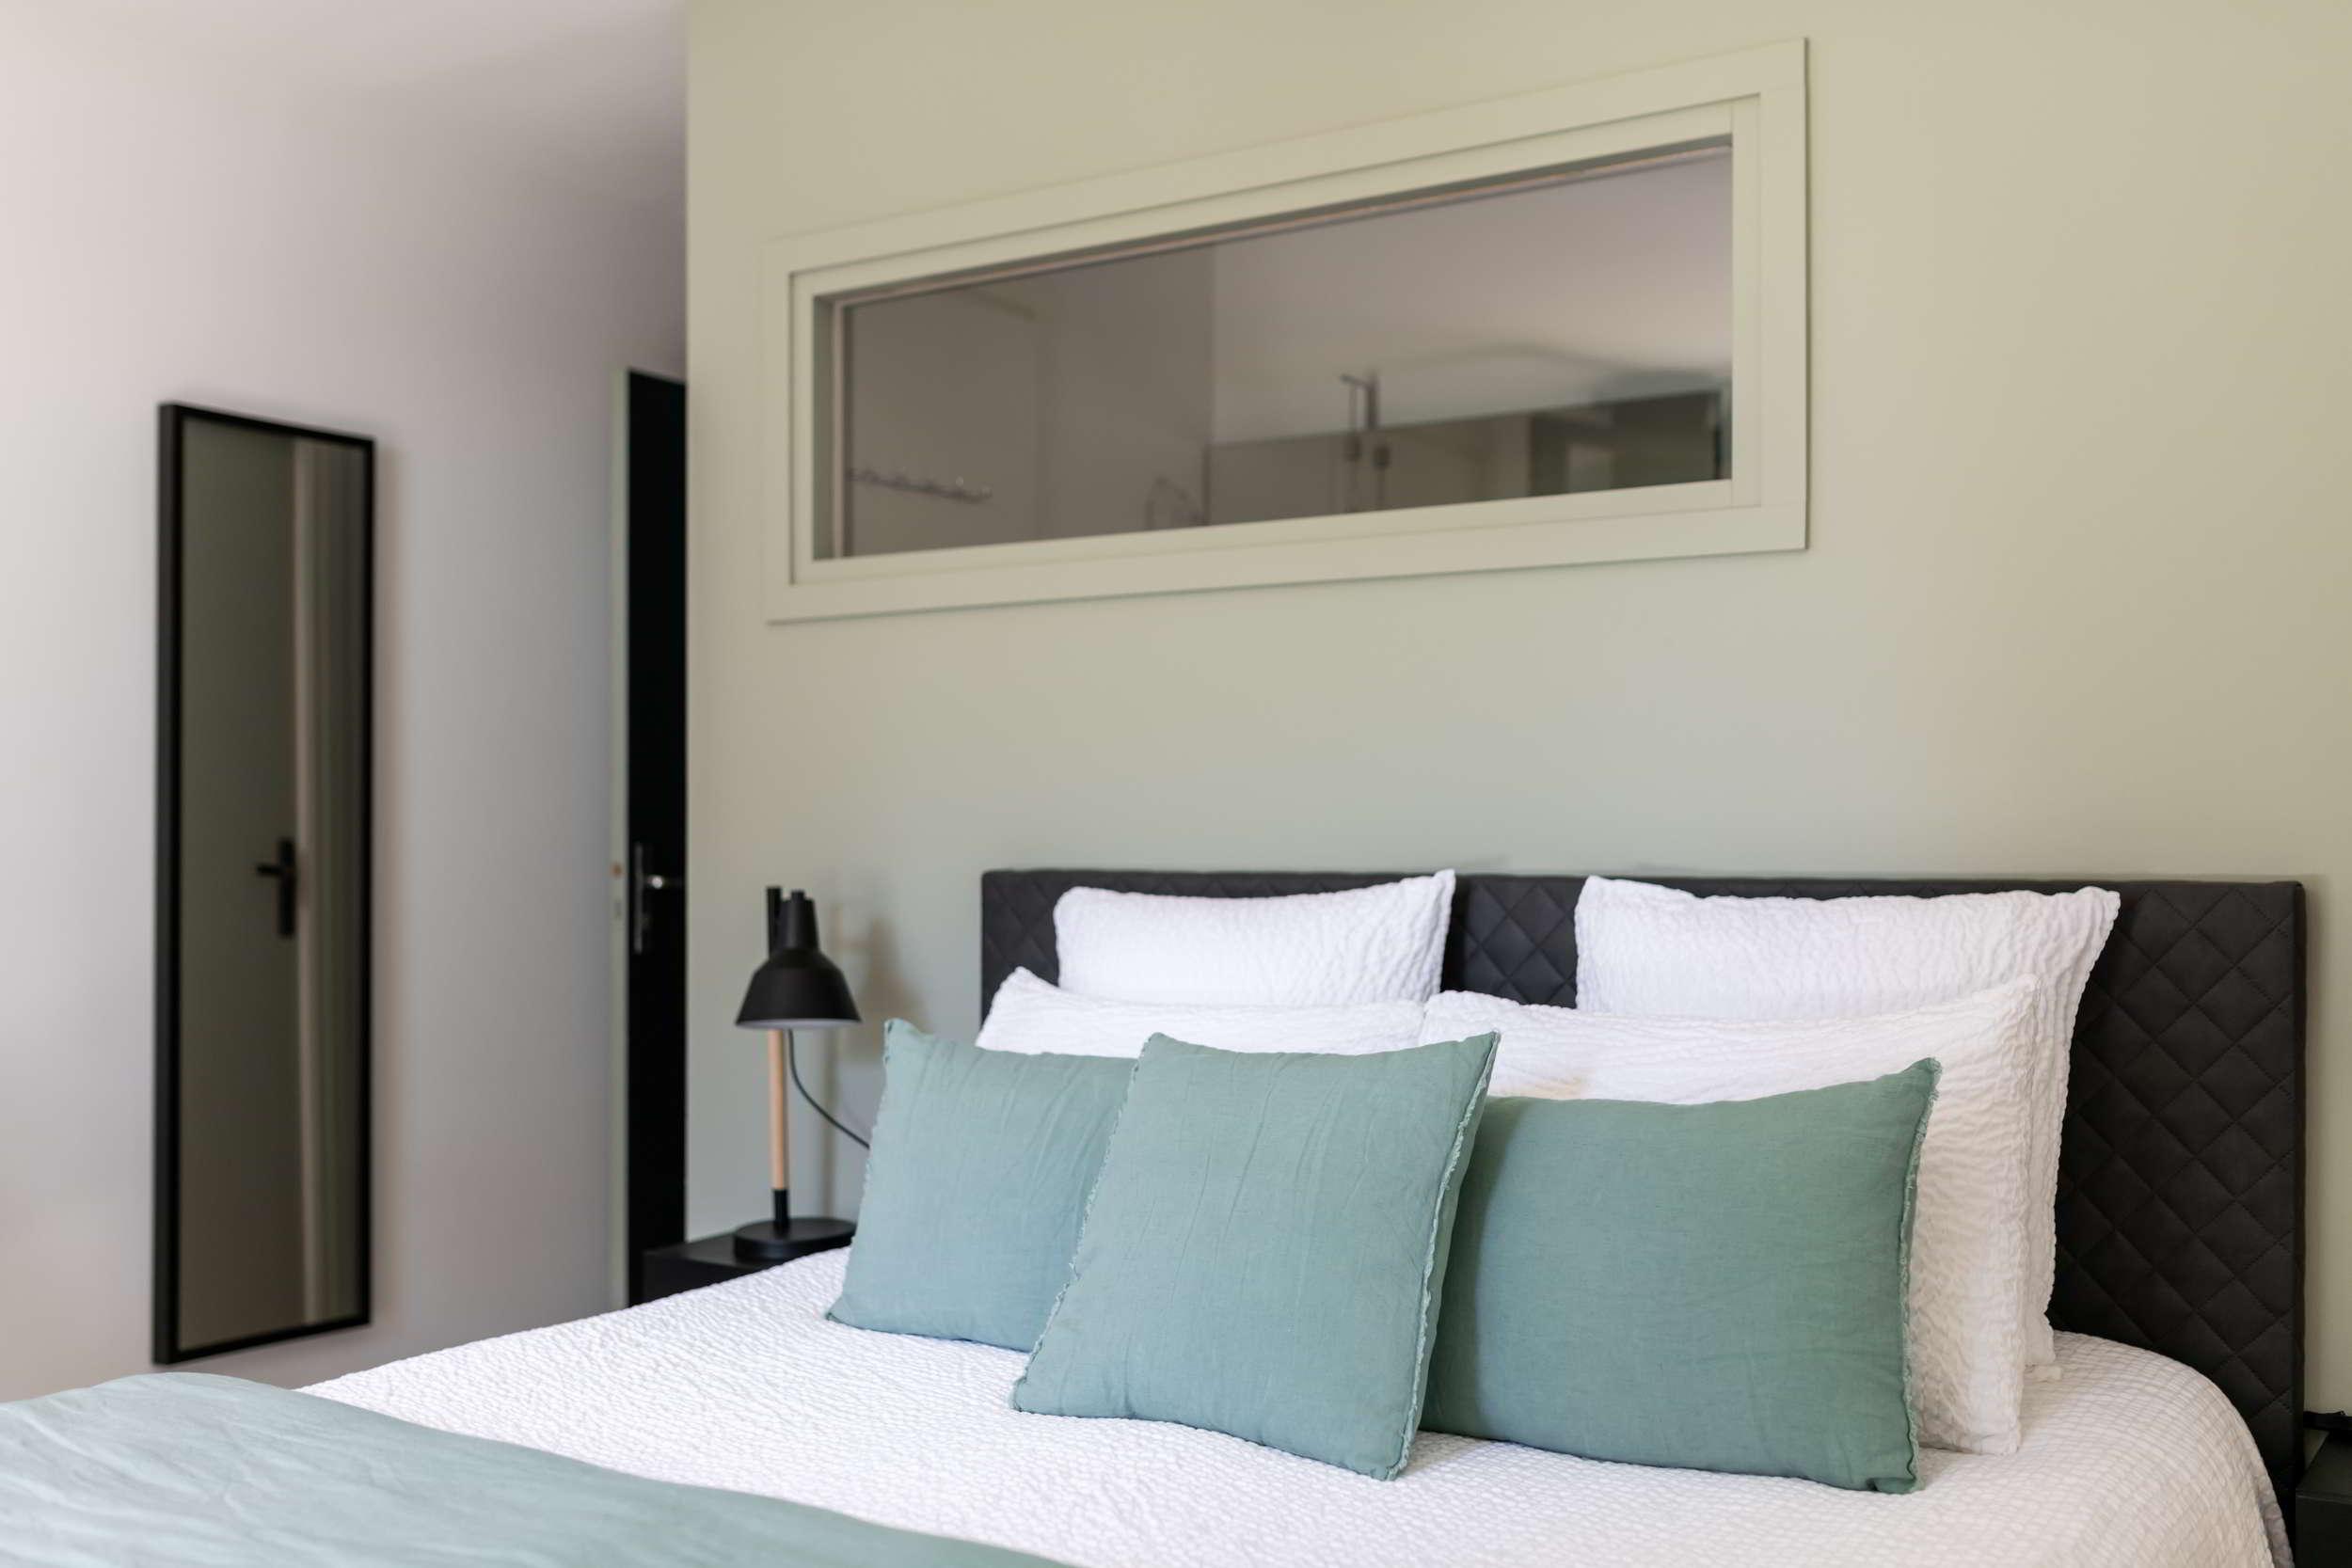 Dormir dans un lit grand confort face au Lac au Duc - Maison d'Hôtes dans le Morbihan - L'Hermine du Lac